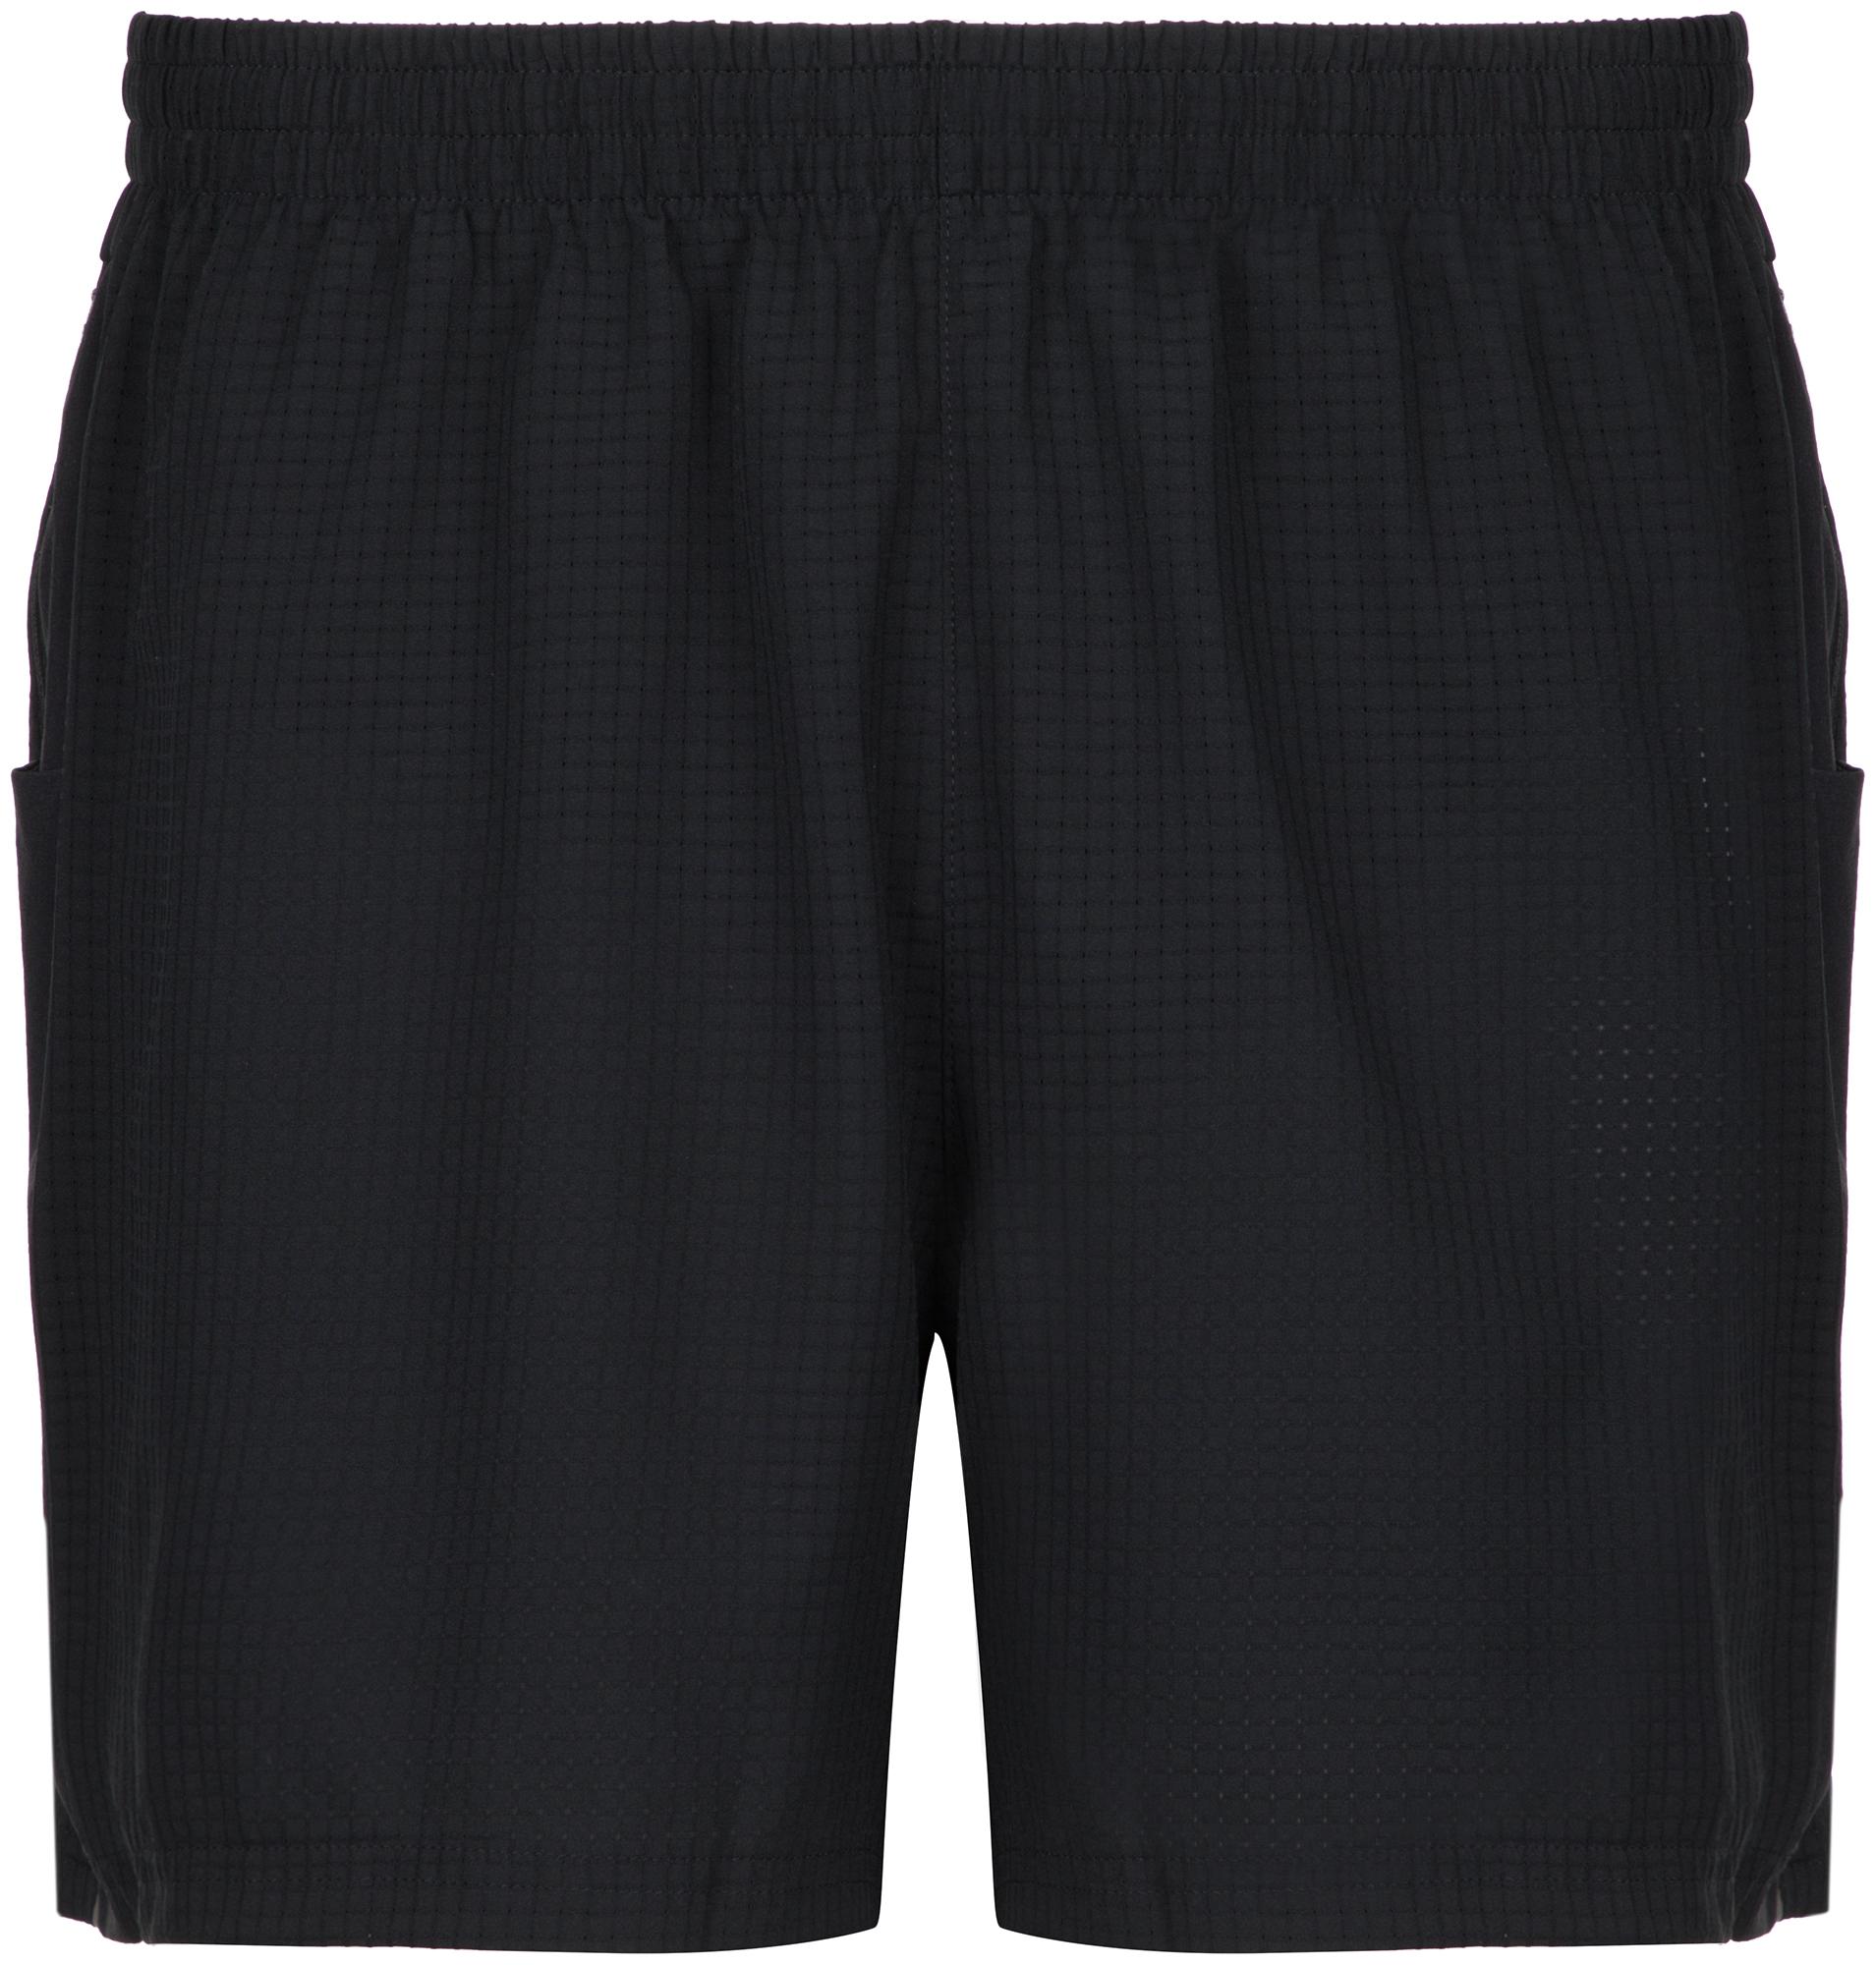 Adidas Шорты мужские Adidas Supernova, размер 48-50 шорты для тенниса мужские adidas uncontrol climachill цвет черный b45842 размер l 52 54